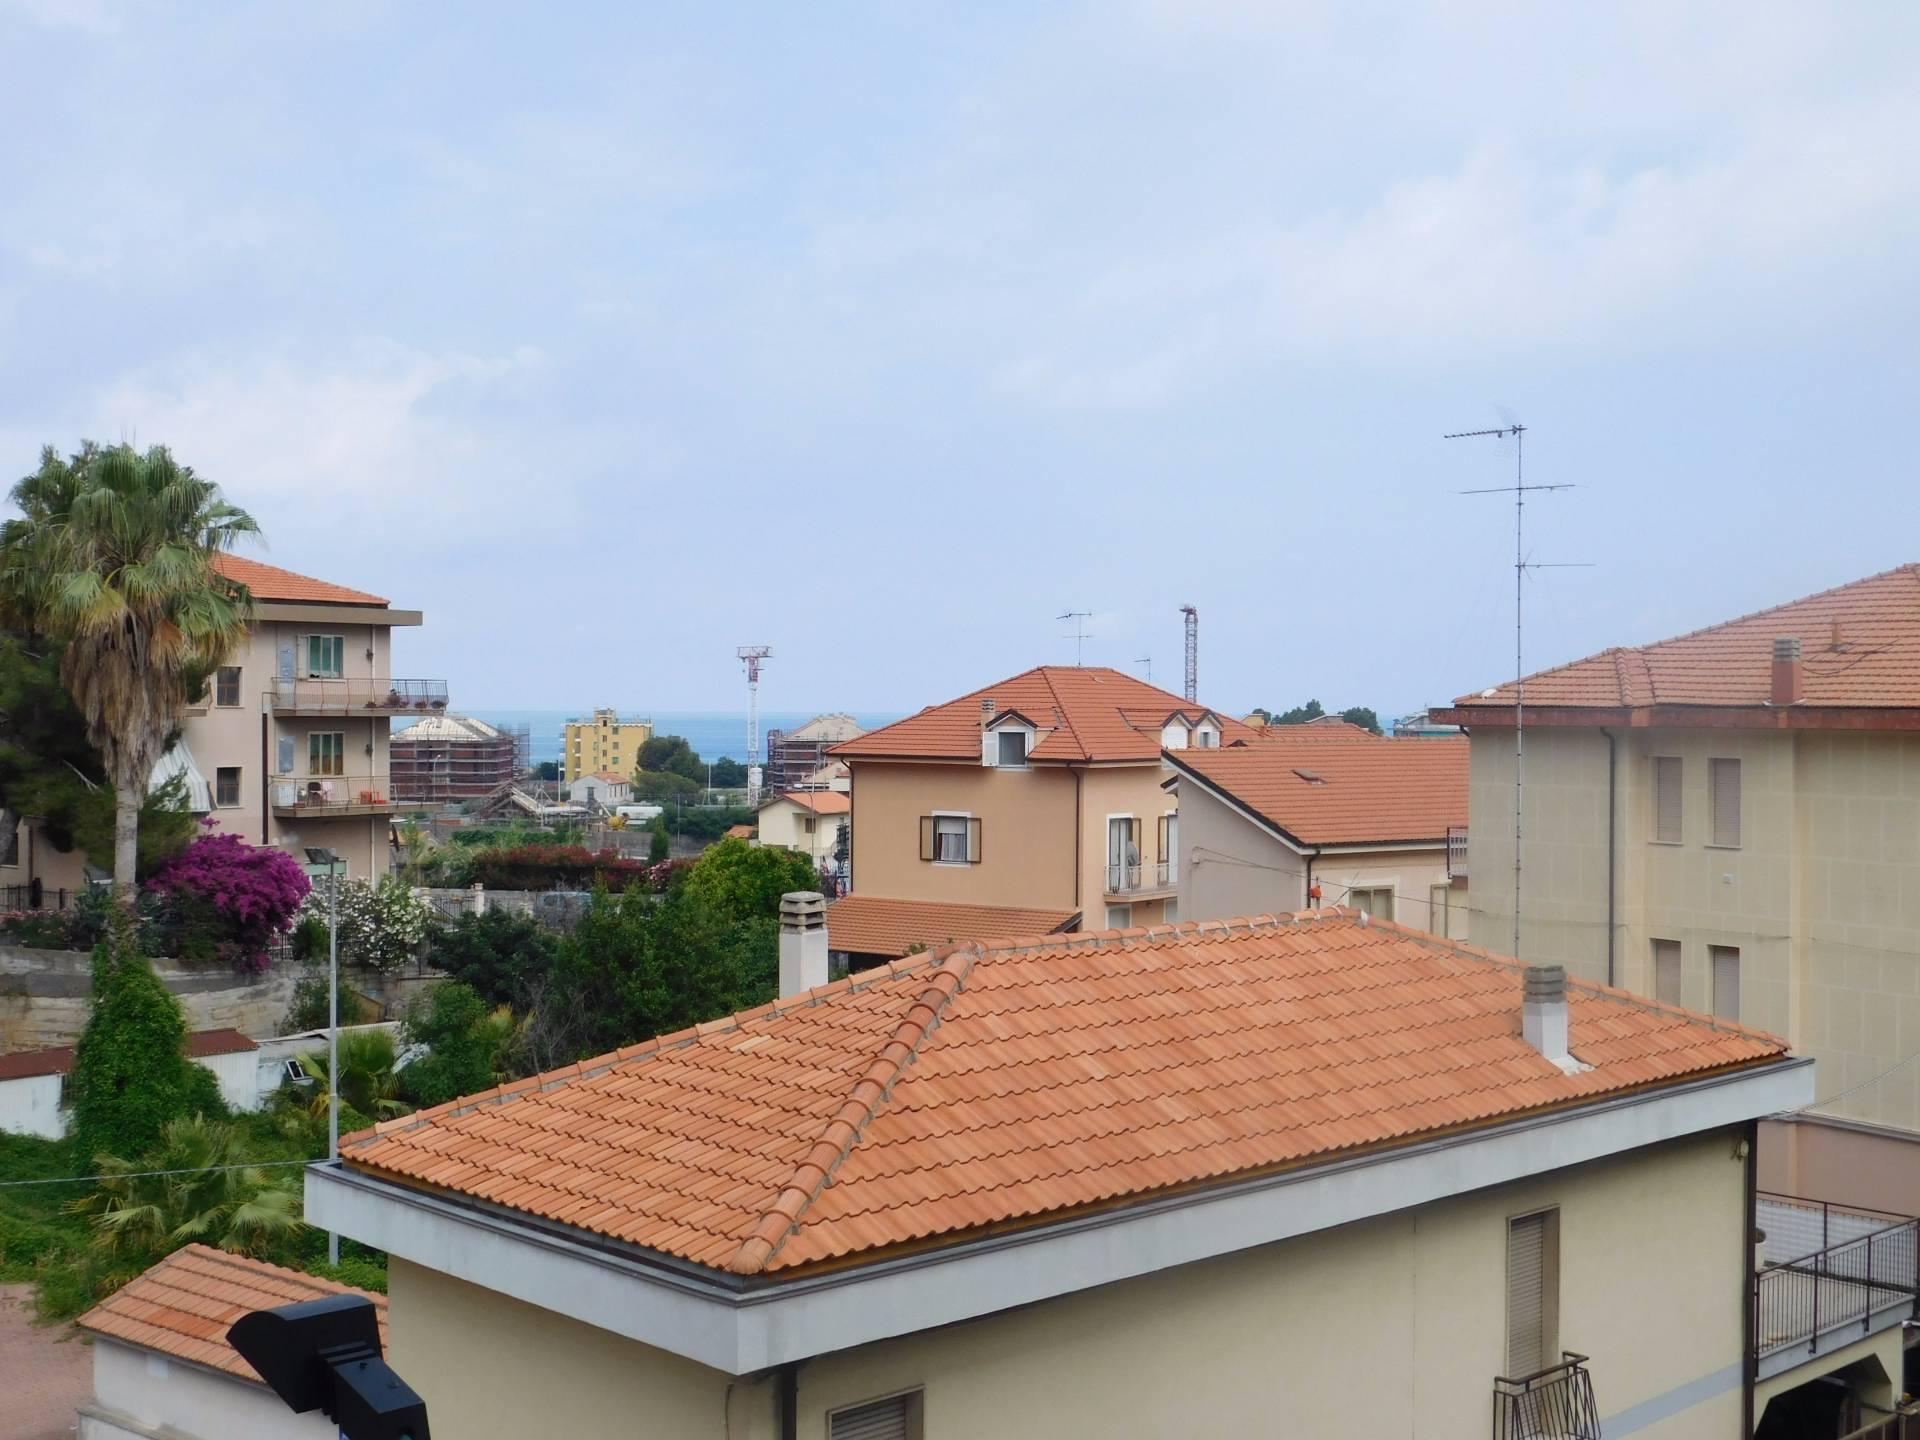 Appartamento in vendita a Ceriale, 1 locali, prezzo € 80.000 | CambioCasa.it